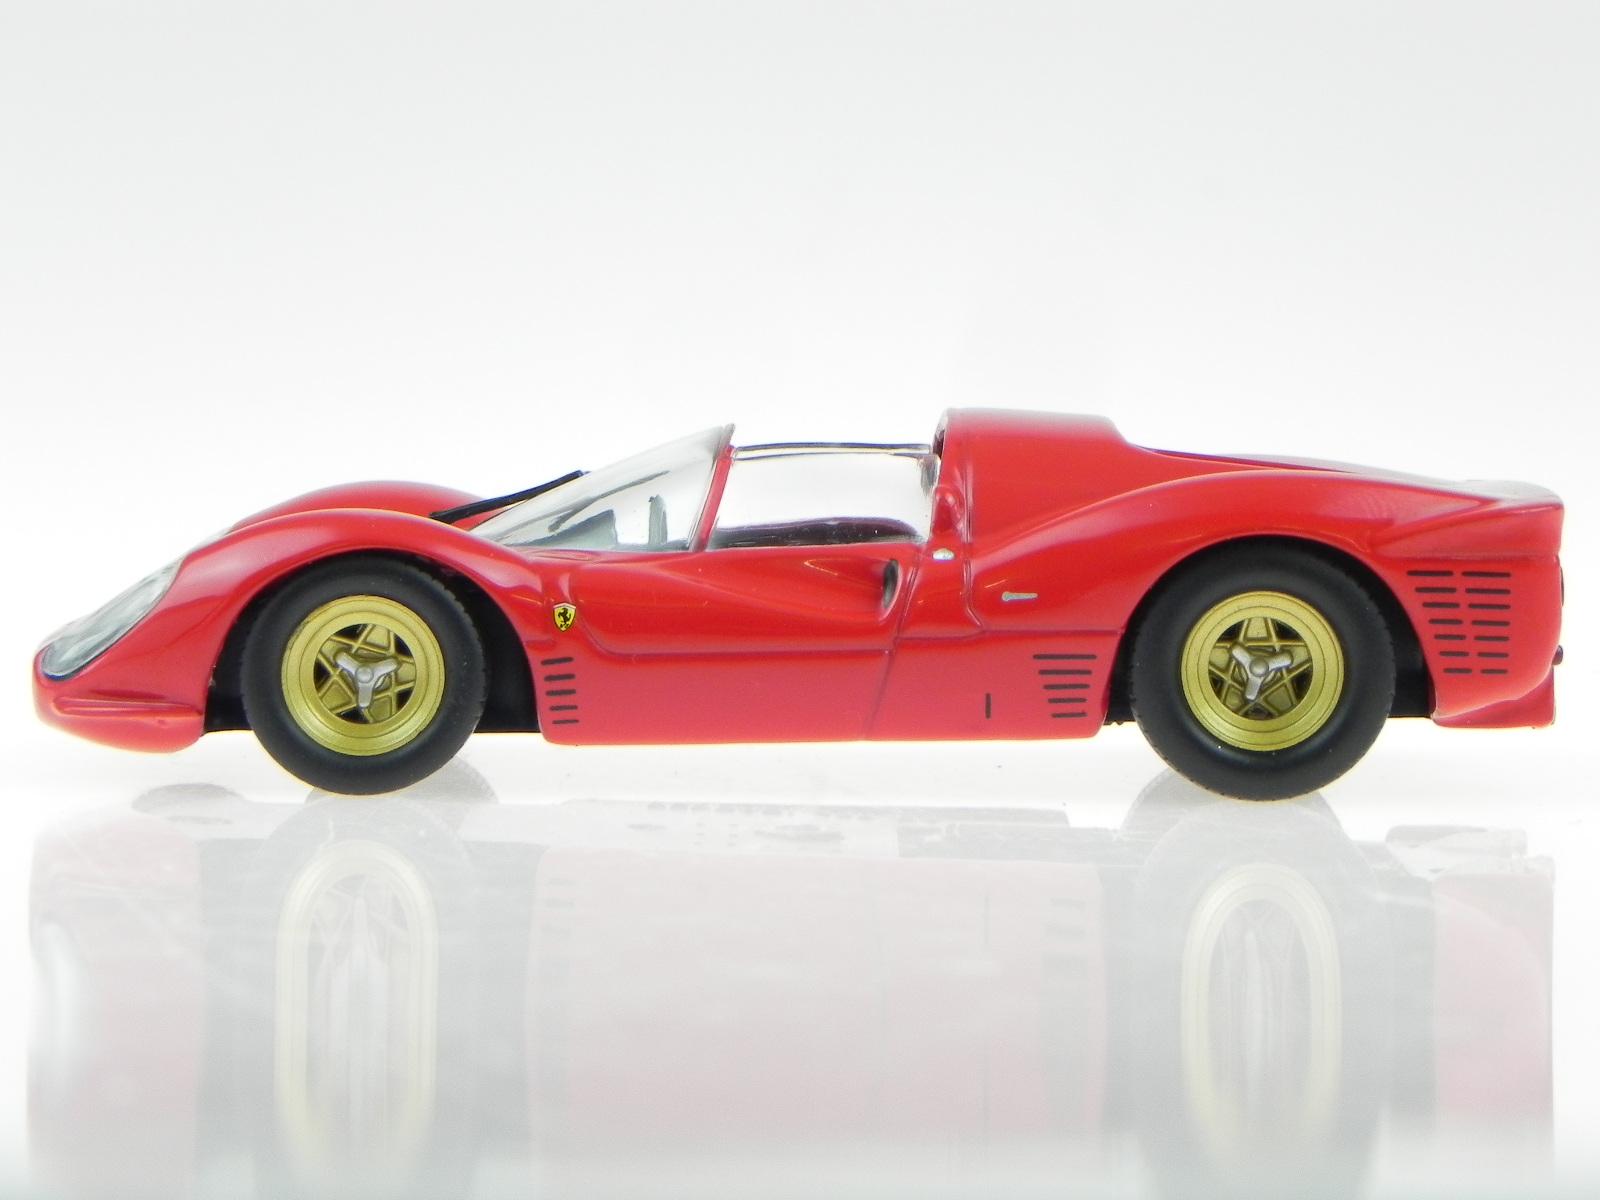 Ferrari 330 P4 Rot Modellauto In Vitrine 1 43 Eur 19 99 111js Bet De